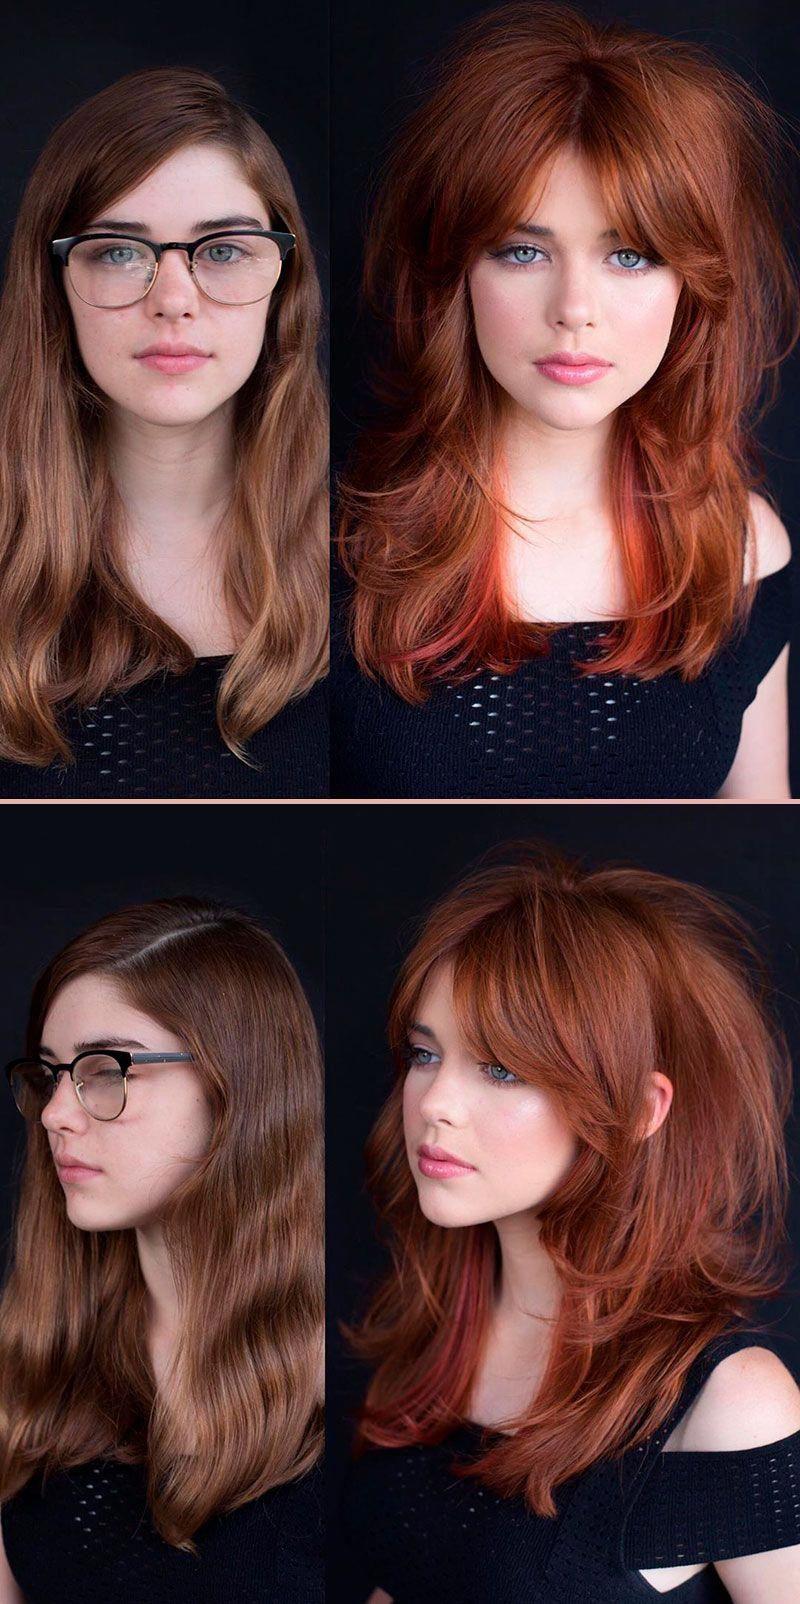 Such A Cute Long Shag Hairstyle Haircutsforlongcurly Long Shag Hairstyles Long Hair Styles Curly Hair Styles